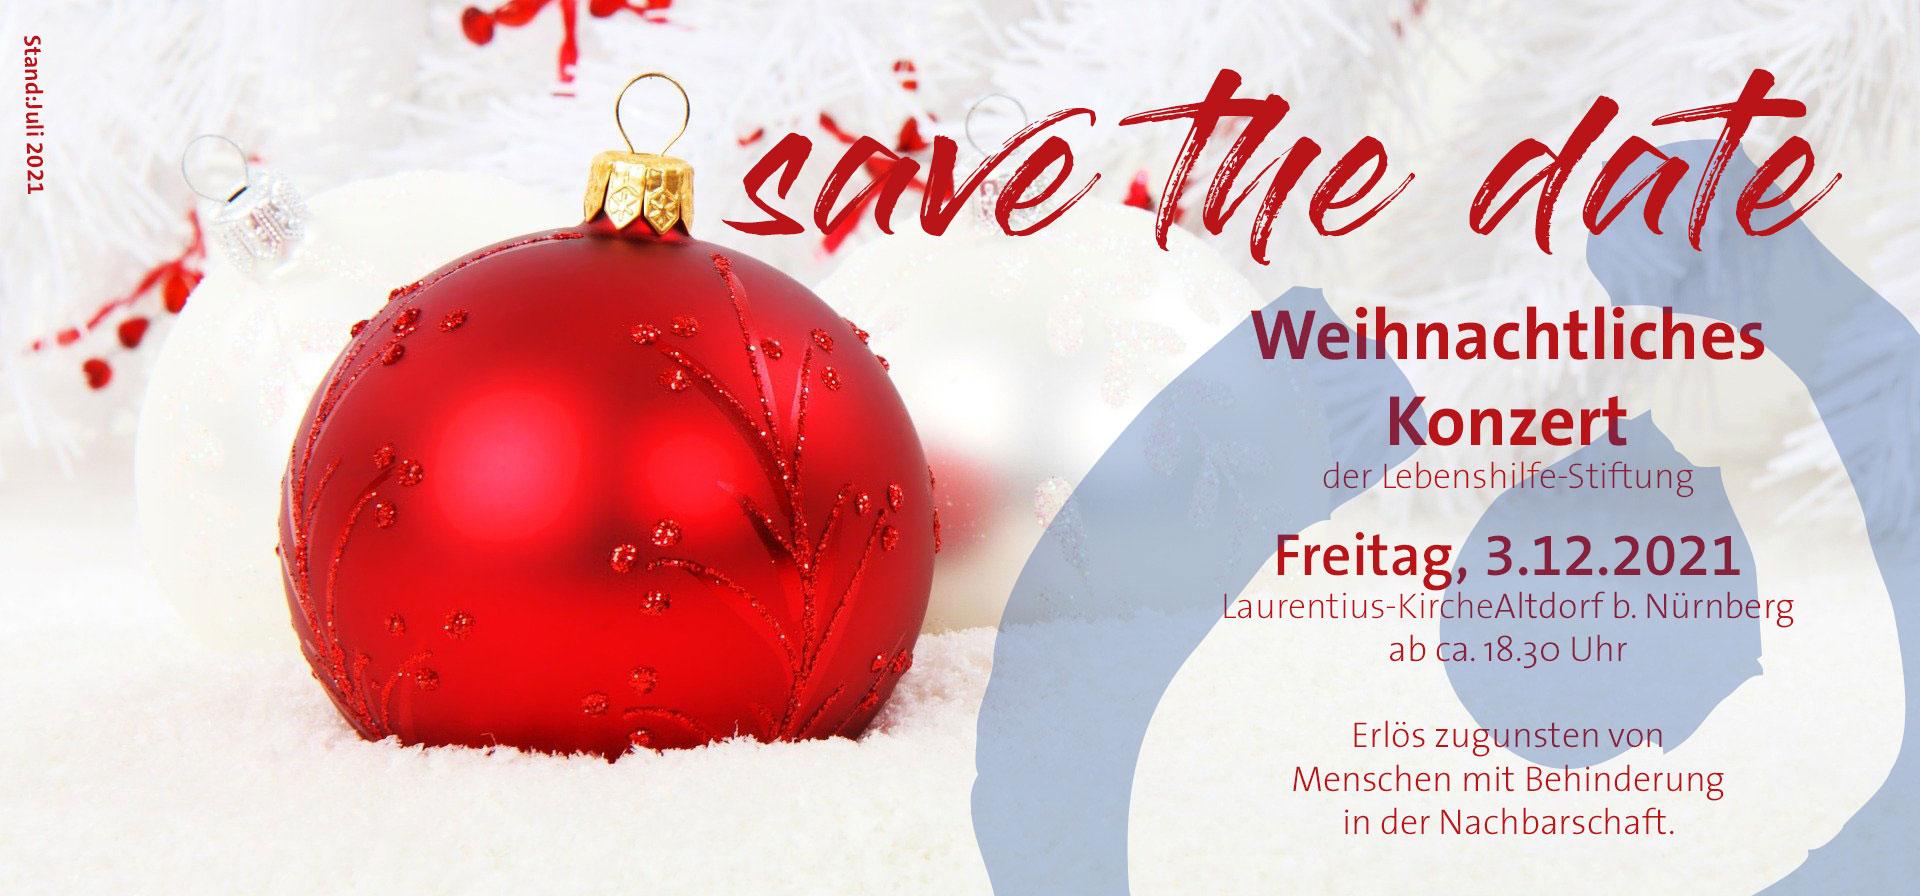 #savethedate #weihnachtskonzert2021 #stiftunglebenshilfe #3dezember #laurentiuskirche #altdorf